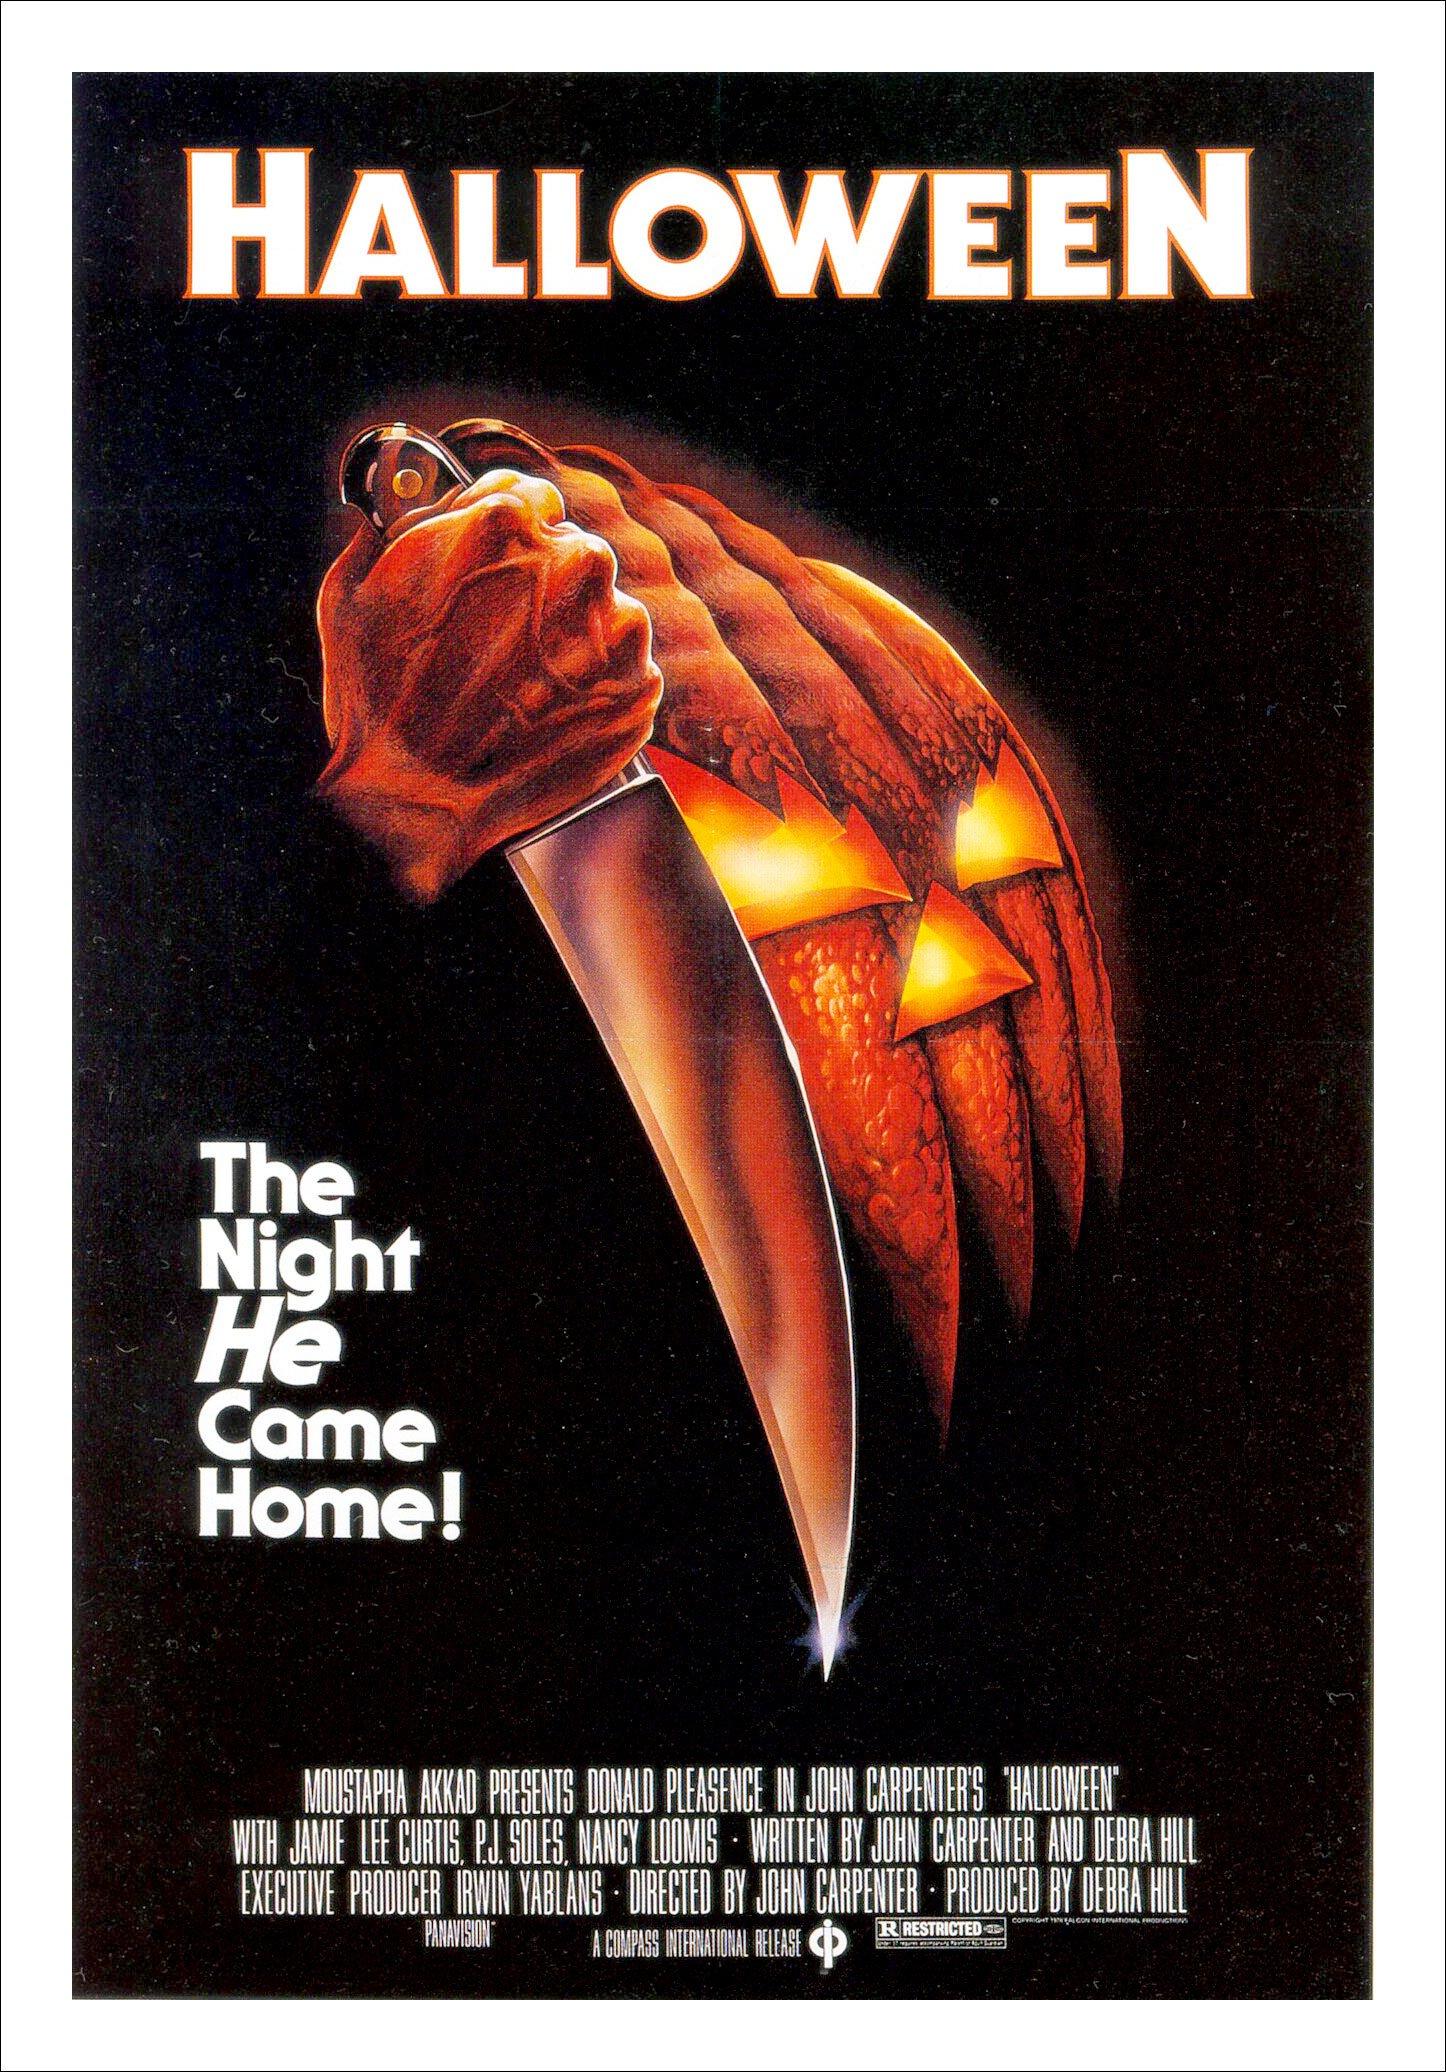 лучшие фильмы о маньяках ужасы про маньяков лучшие фильмы ужасов какой фильм ужасов посмотреть сегодня